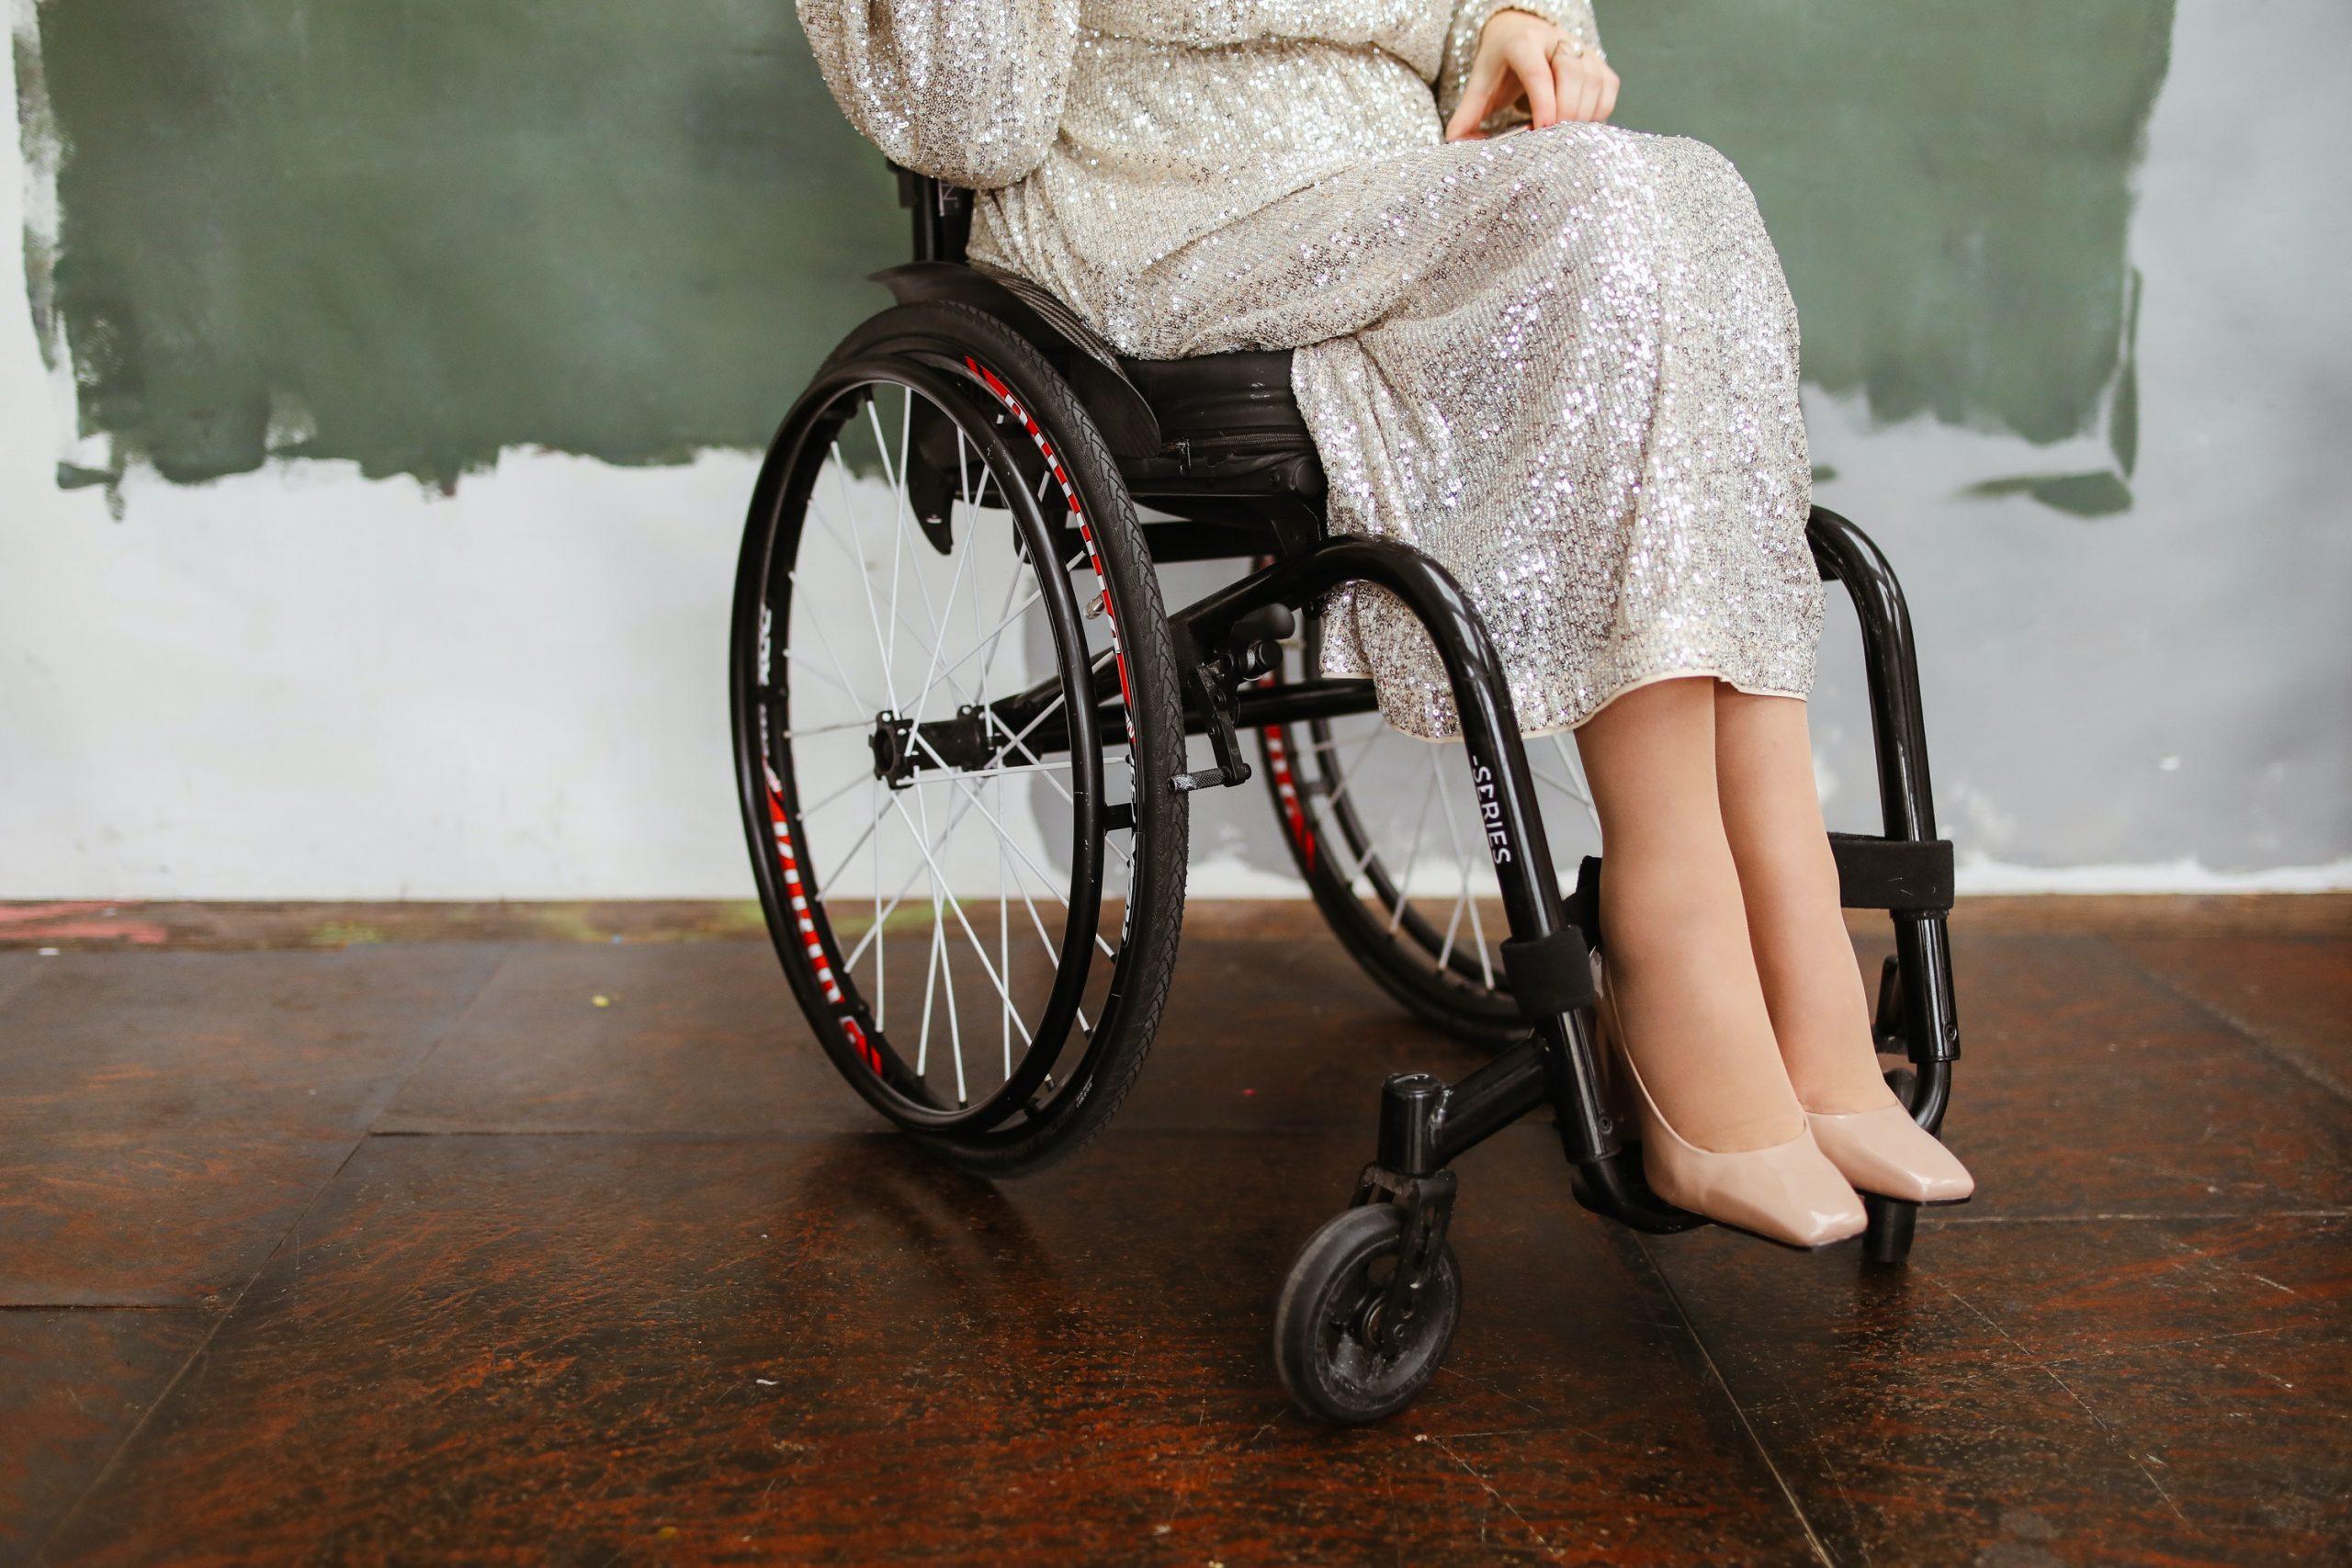 """Vammainen Iina Tähtisalmi kohtaa jatkuvasti syrjiviä asenteita: """"Vaimoani luullaan avustajakseni tai hoitajakseni"""""""